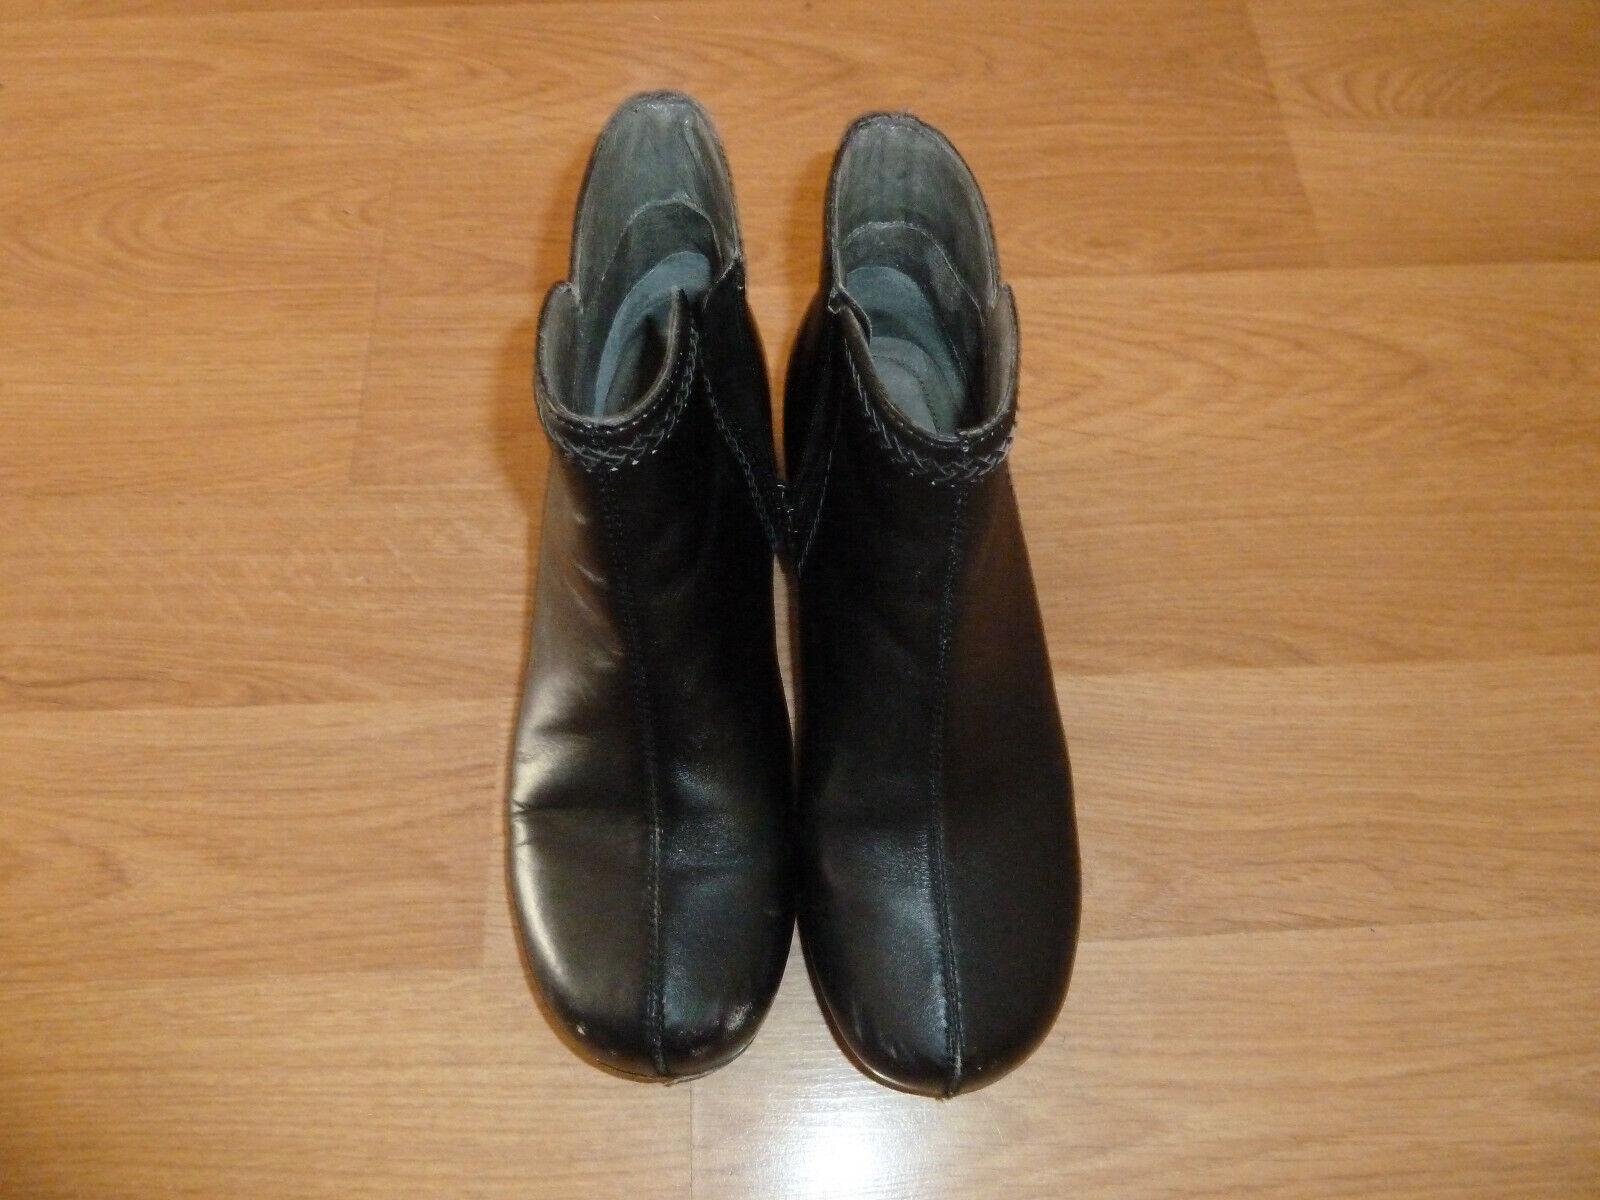 Dansko Scout Split Toe Cheville bottes pour Femme Taille 11.5 M (EU 42) Cuir noir Fermeture Éclair